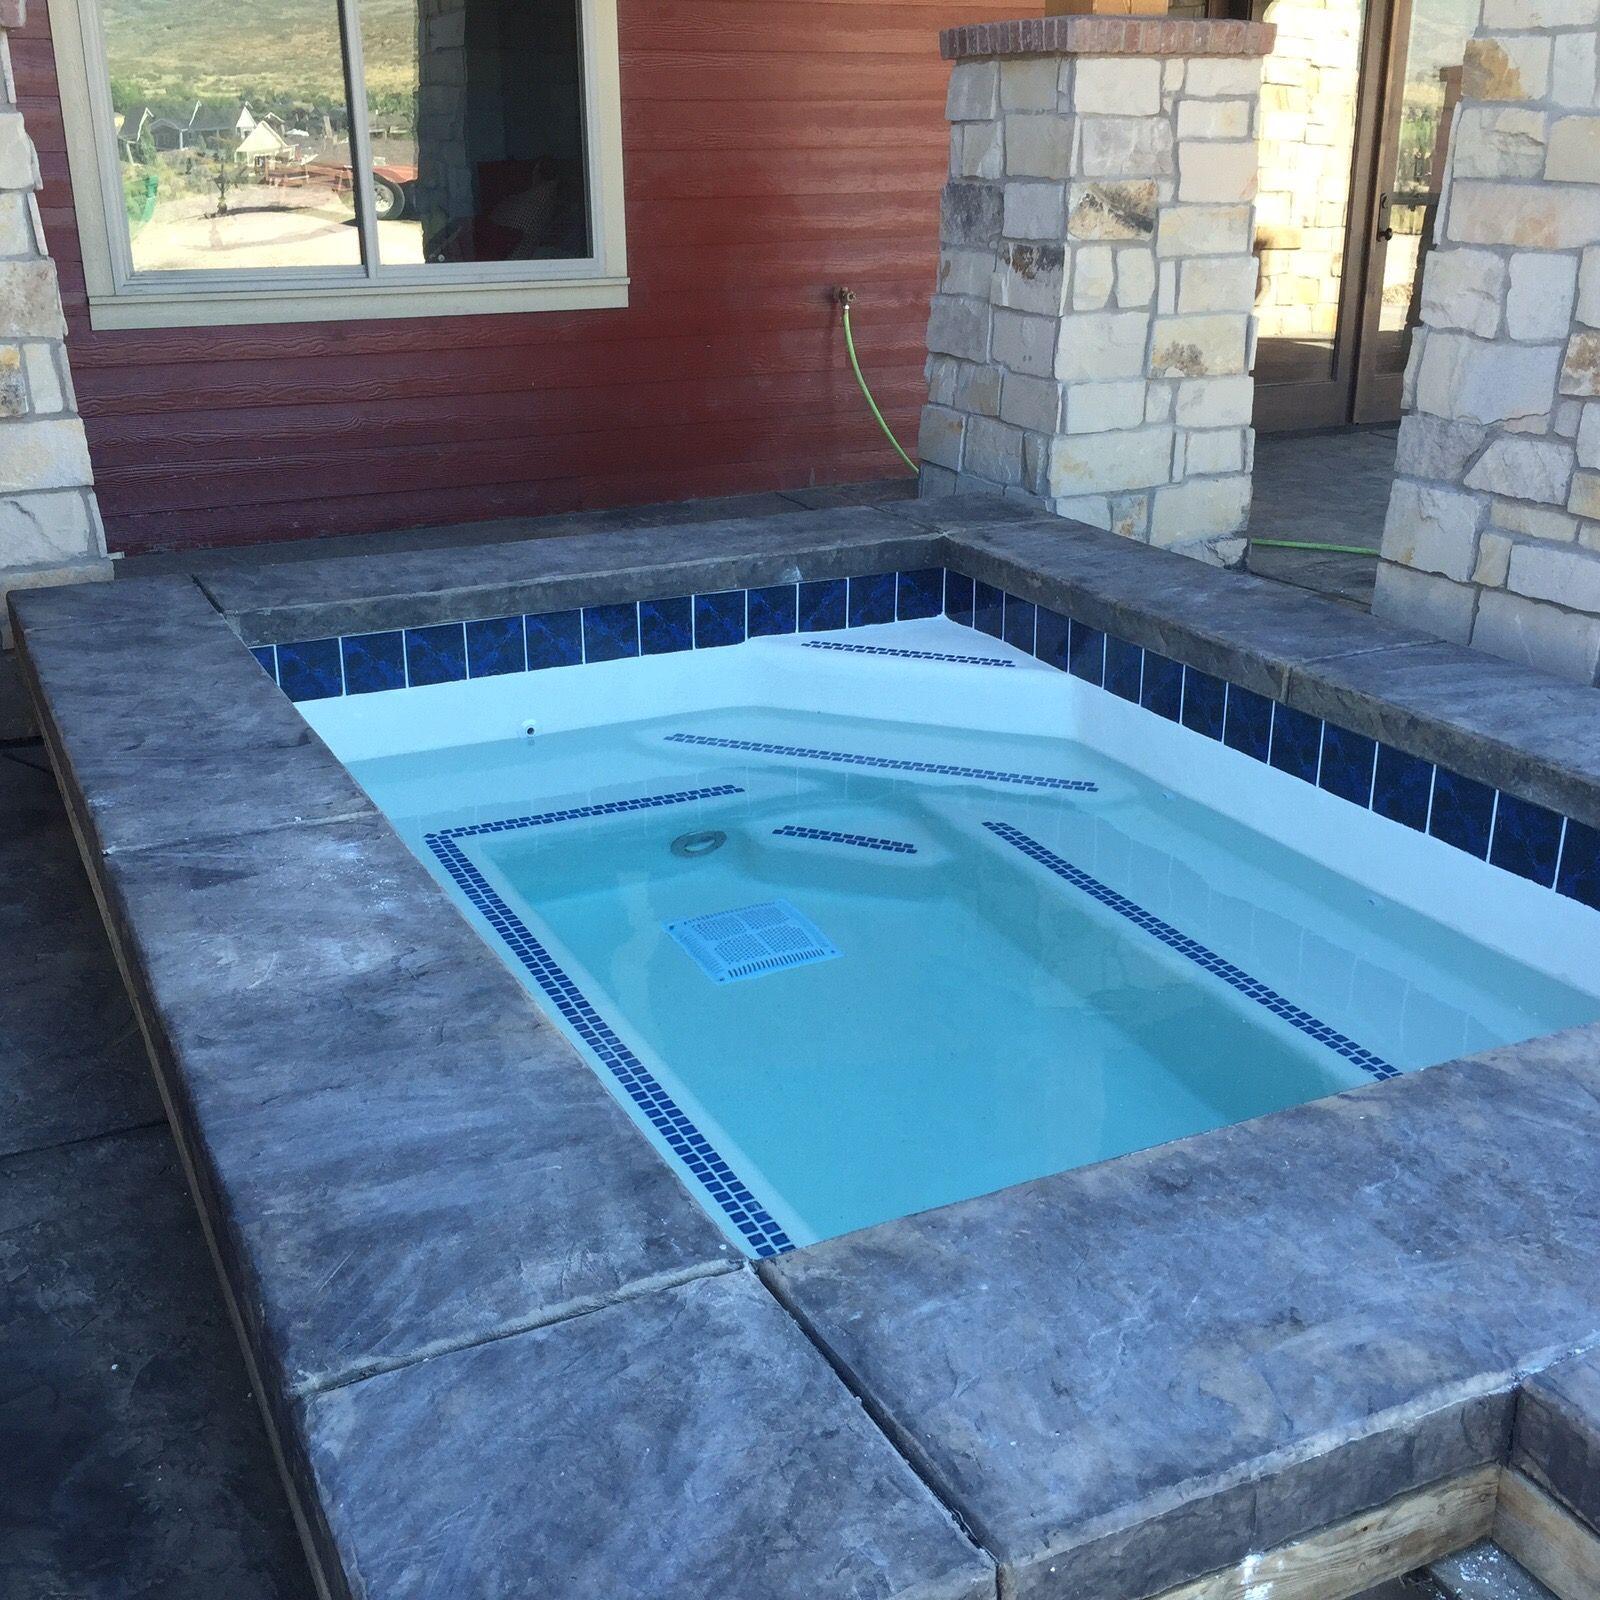 Custom spa install | All Seasons Hot Tub & Spa Installs | Pinterest ...